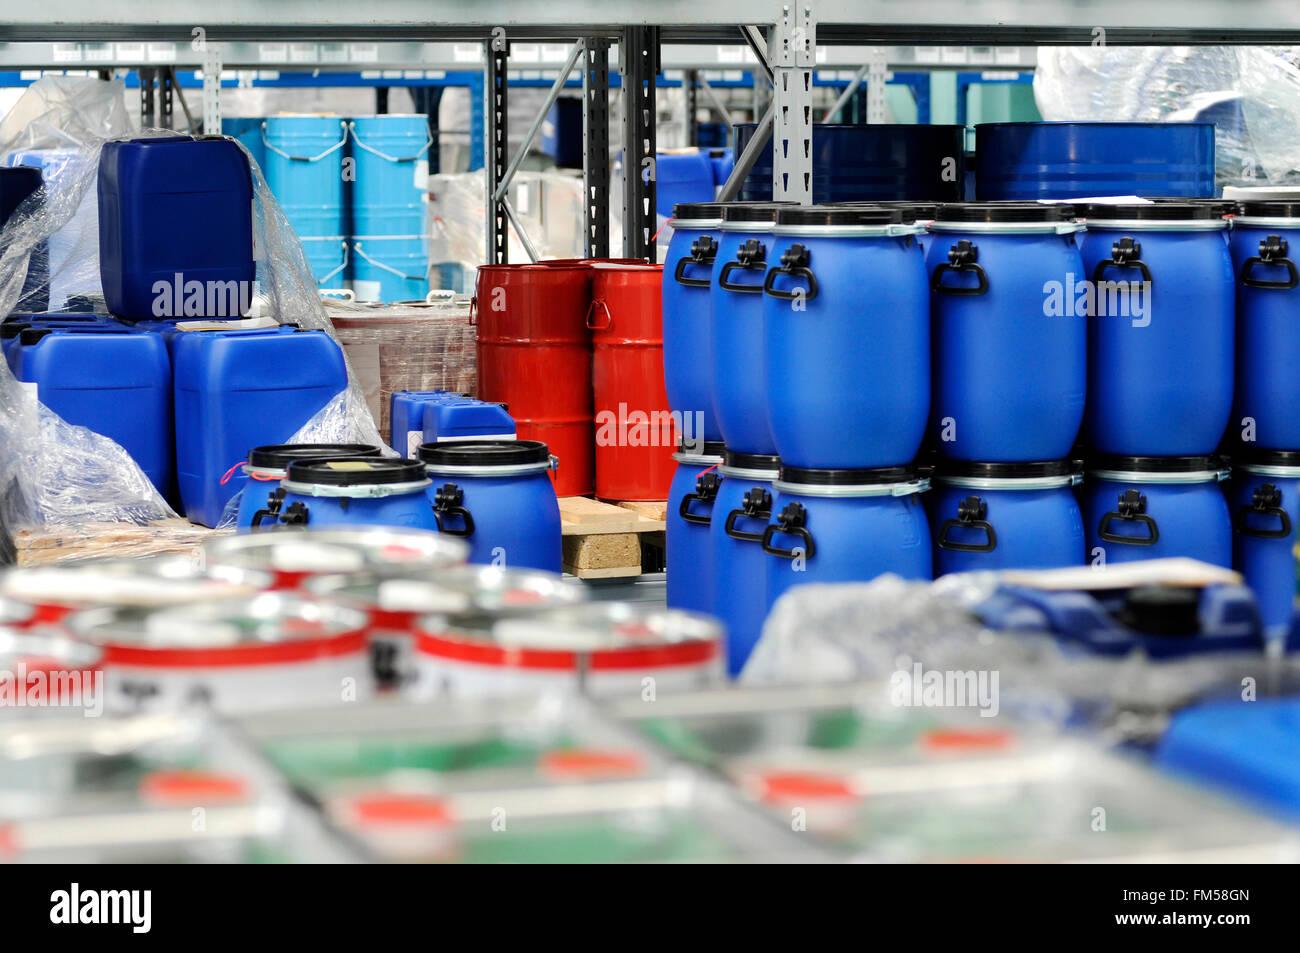 Métal rouge et bleu les barils de plastique ou des fûts stockés dans un entrepôt Photo Stock